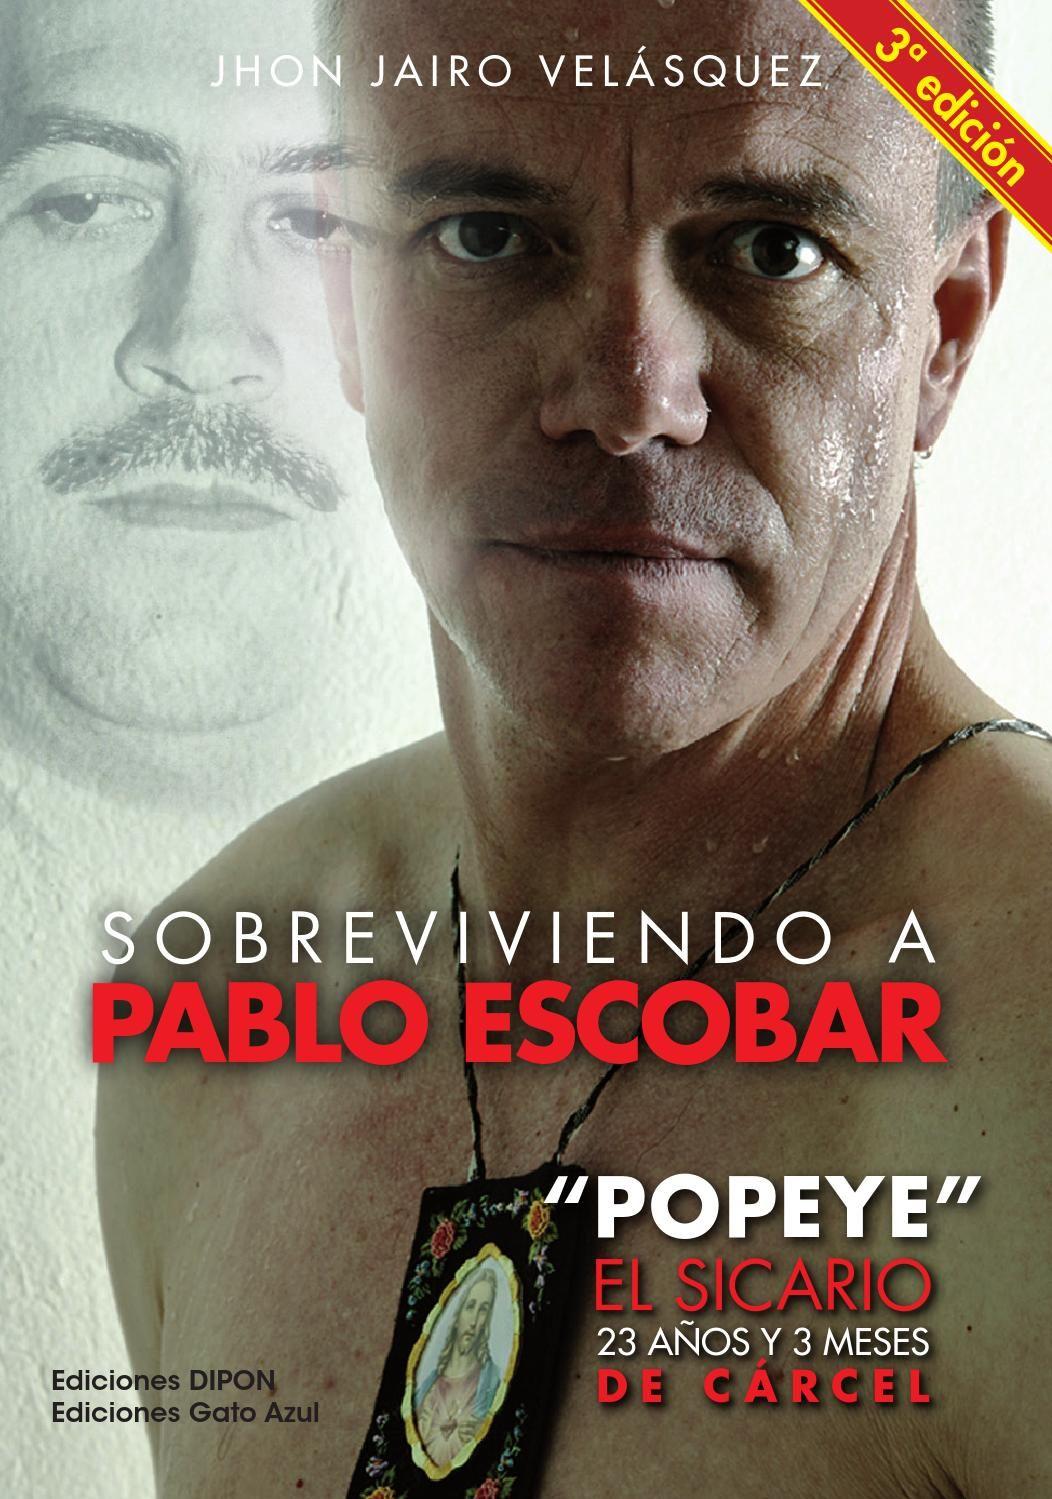 Sobreviviendo A Pablo Escobar Libros Español Gratis Libros En Espanol Descargar Libros En Pdf